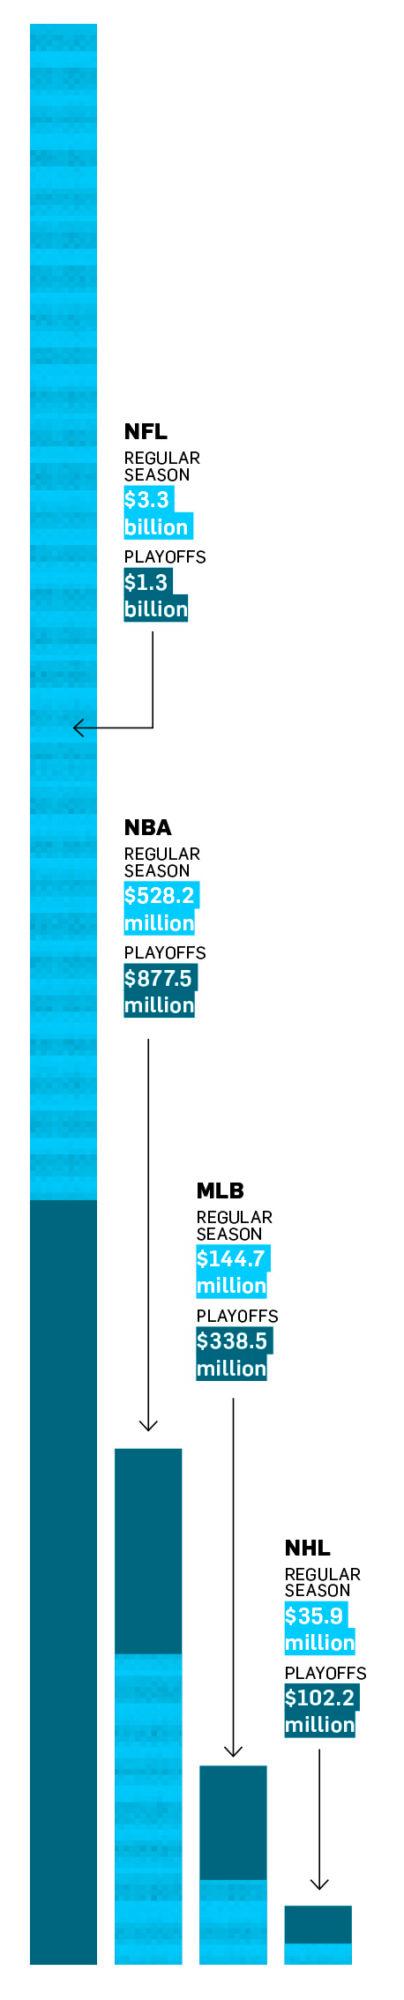 A sports graph